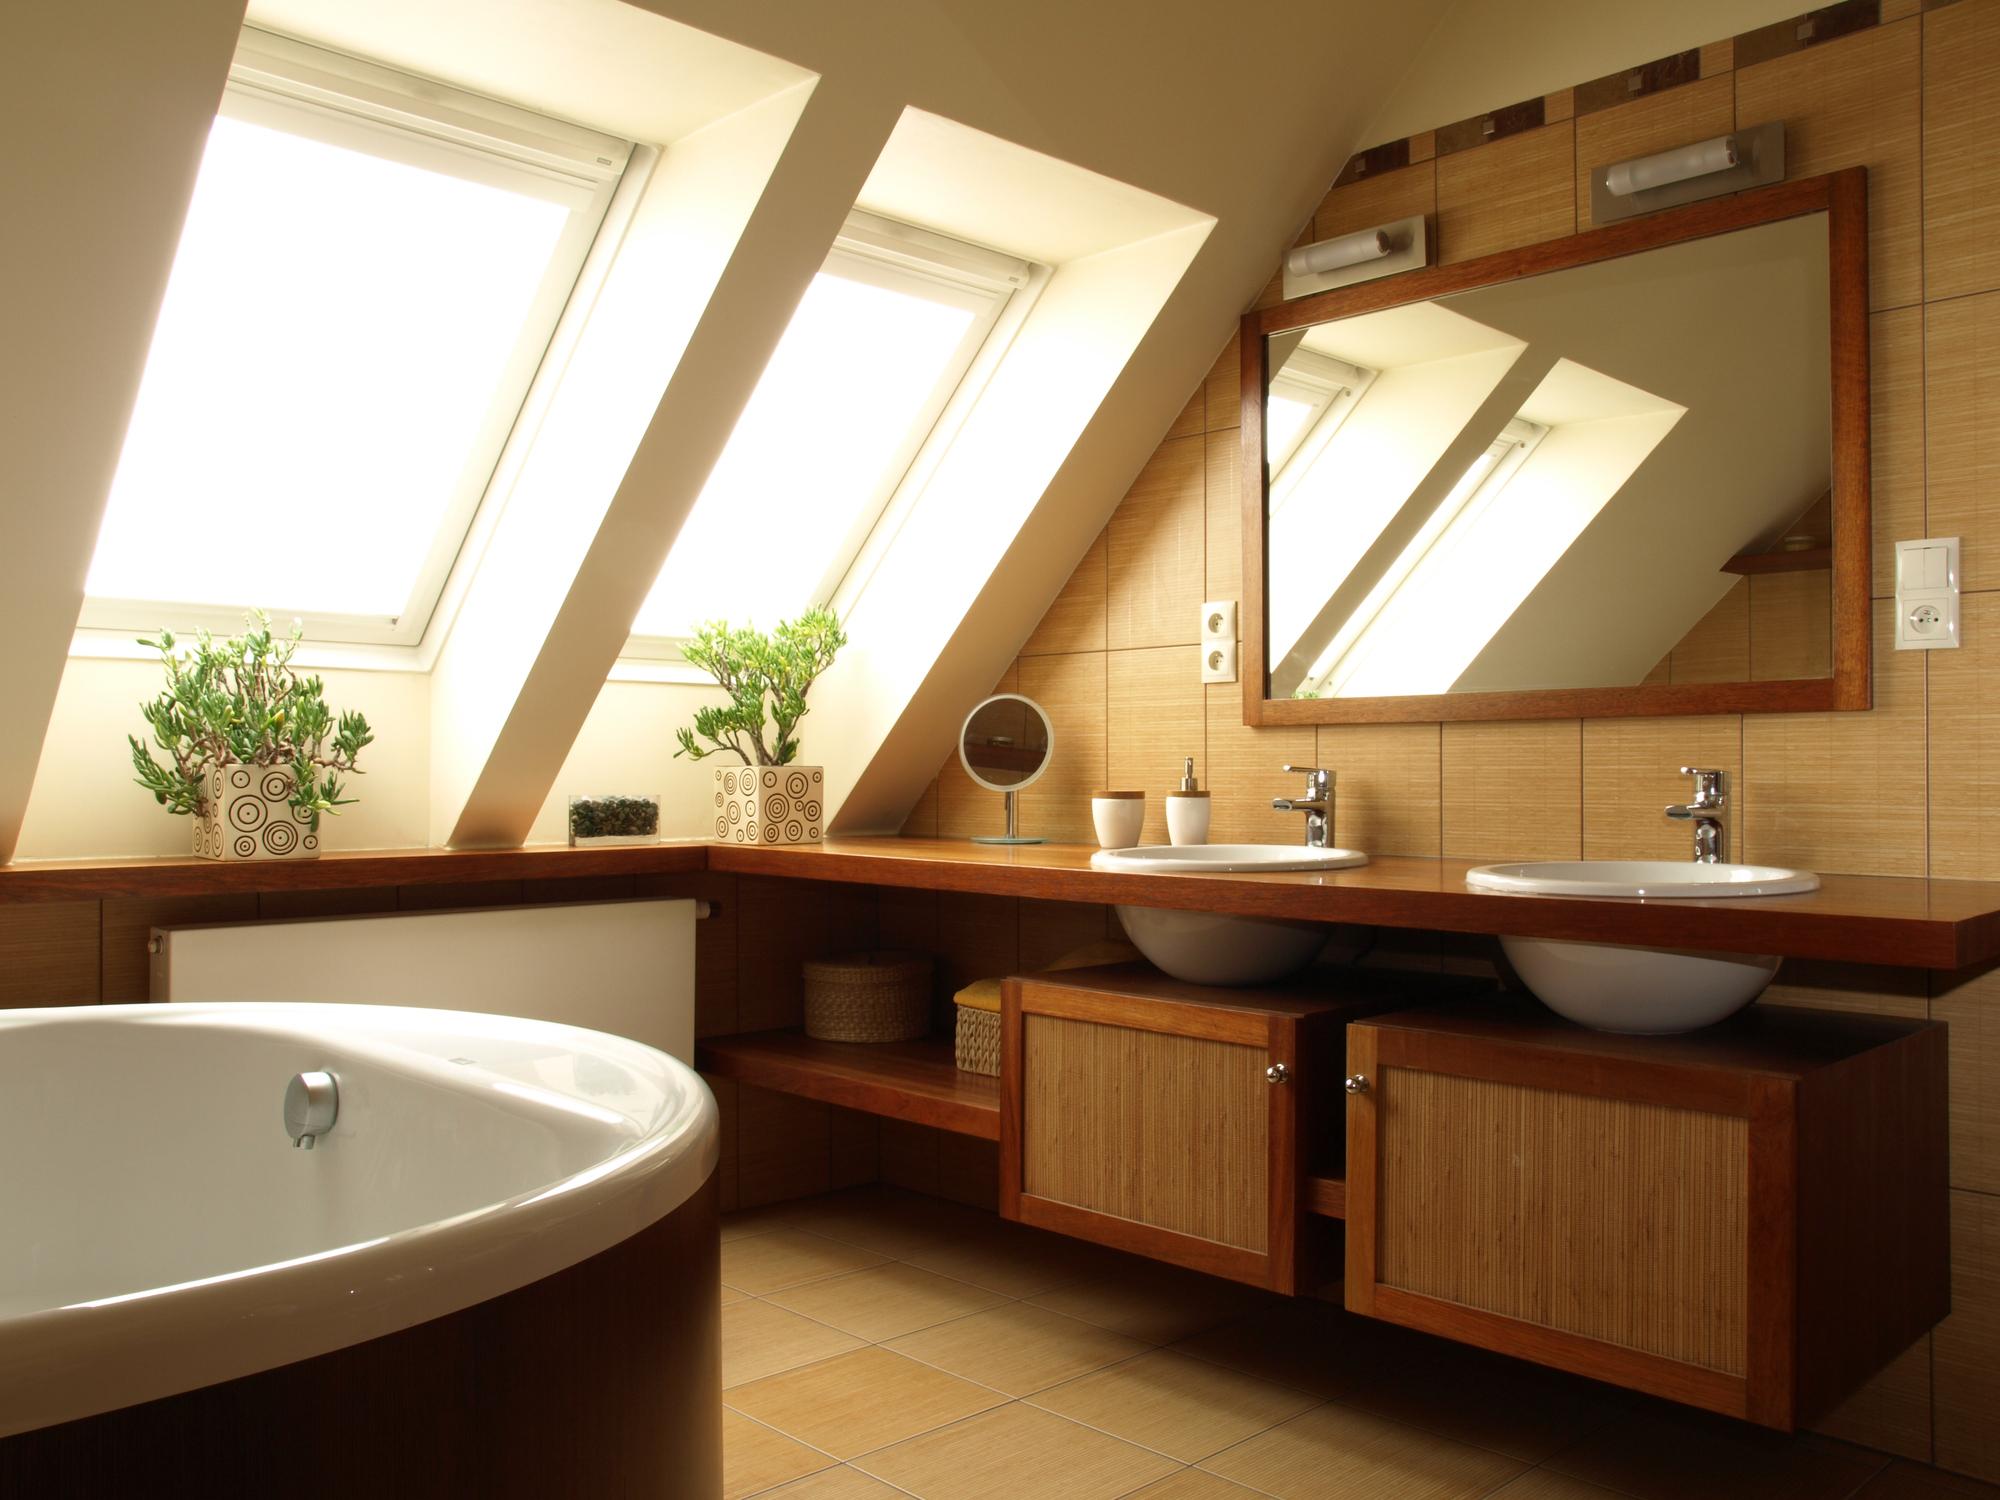 Idee per un nuovo bagno in mansarda - Scaldare il bagno elettricamente ...